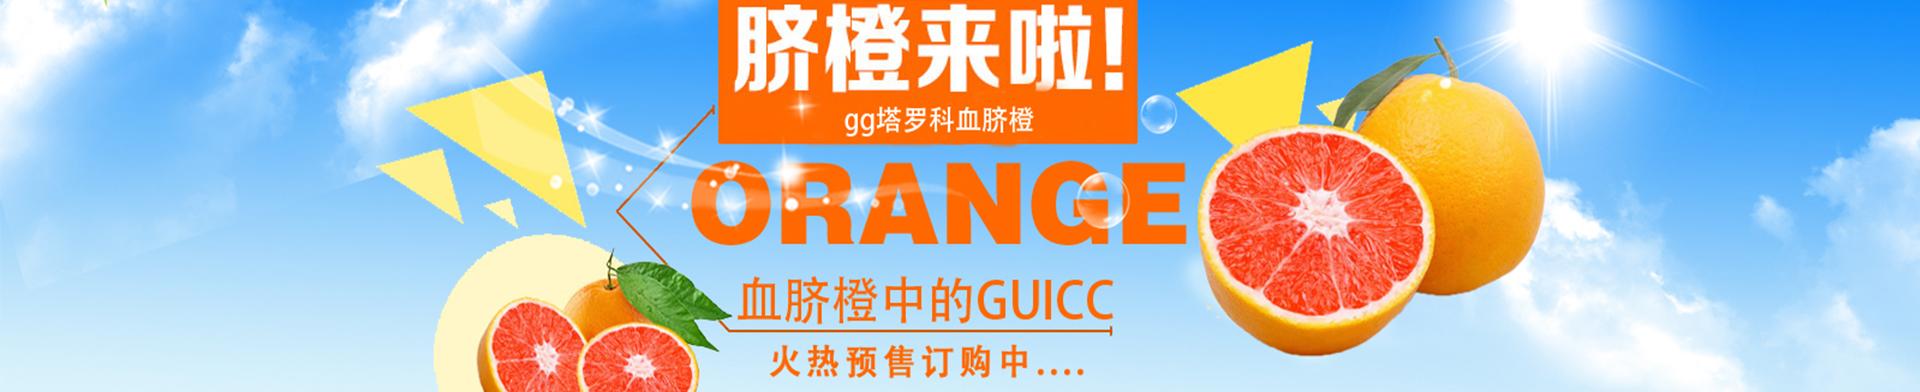 重庆市长寿区云飞果树专业合作社